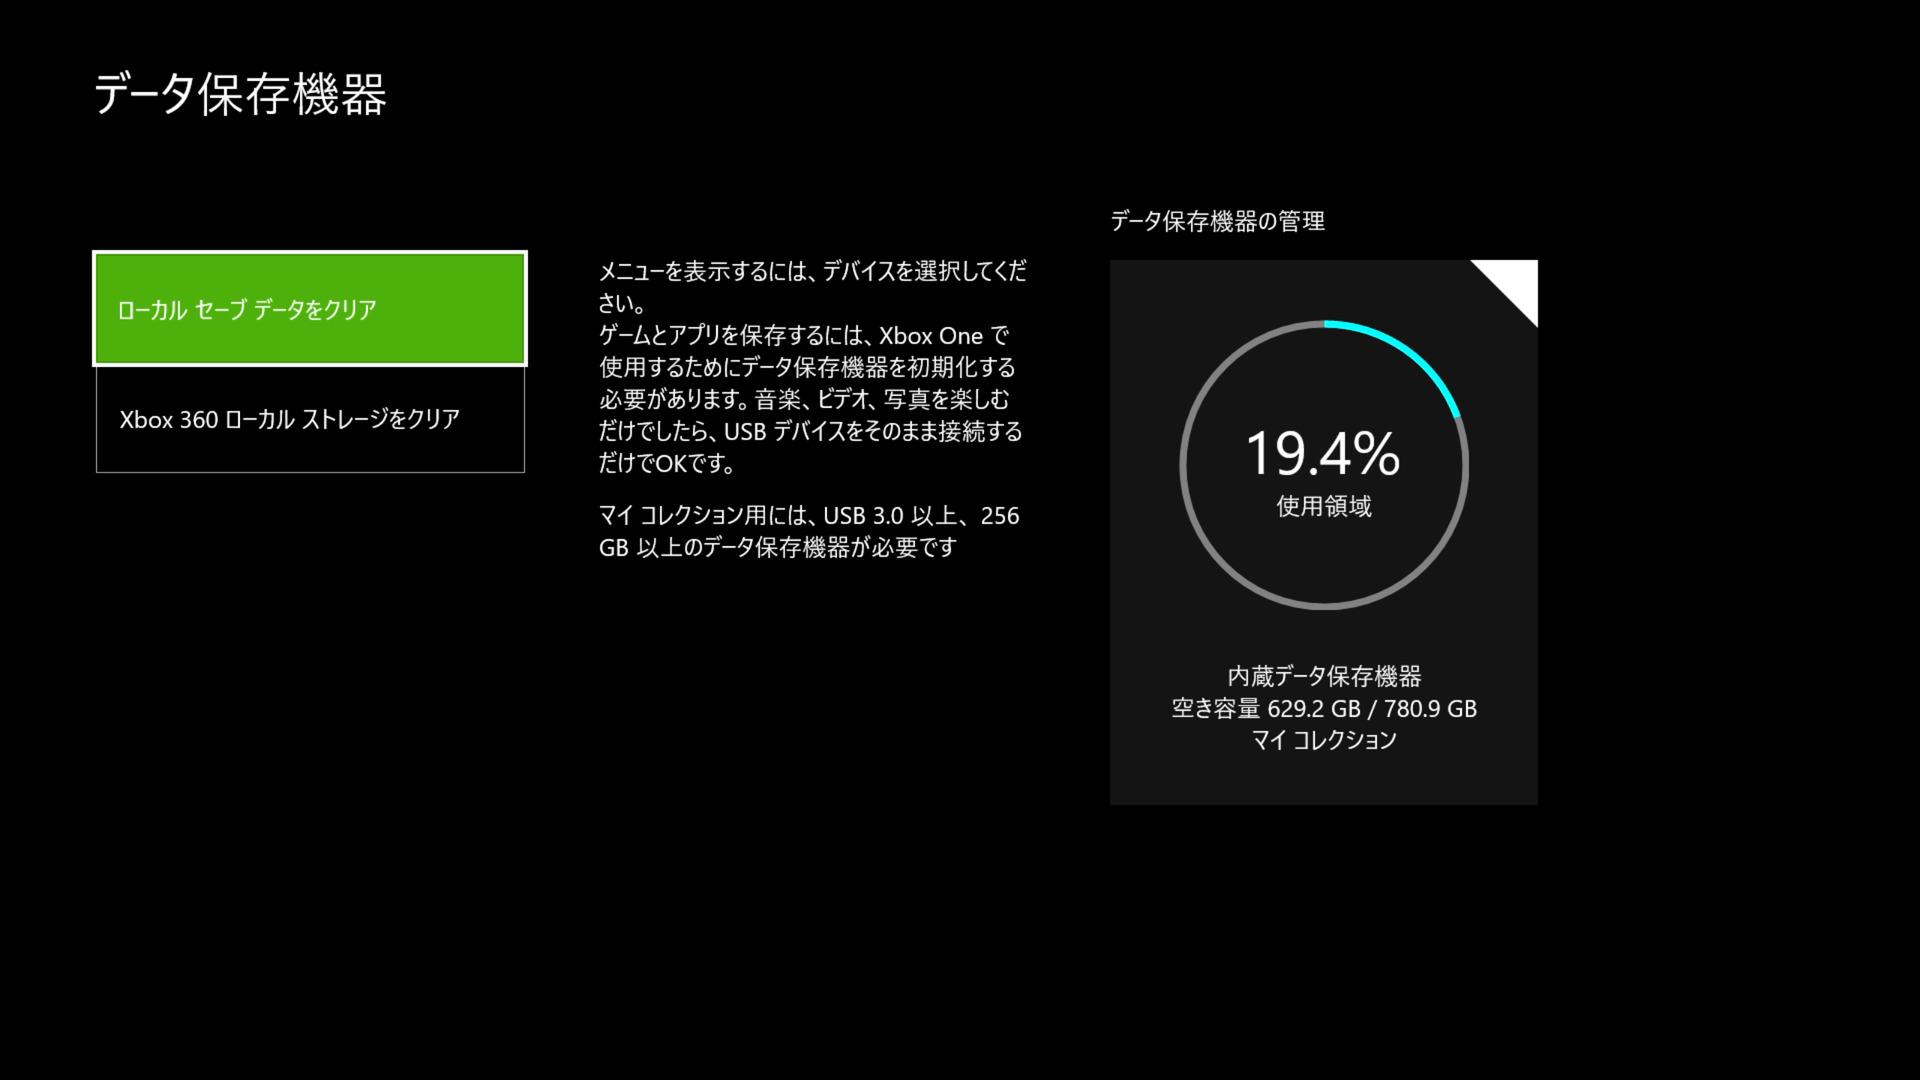 内蔵ストレージ容量。実容量は780.9GB